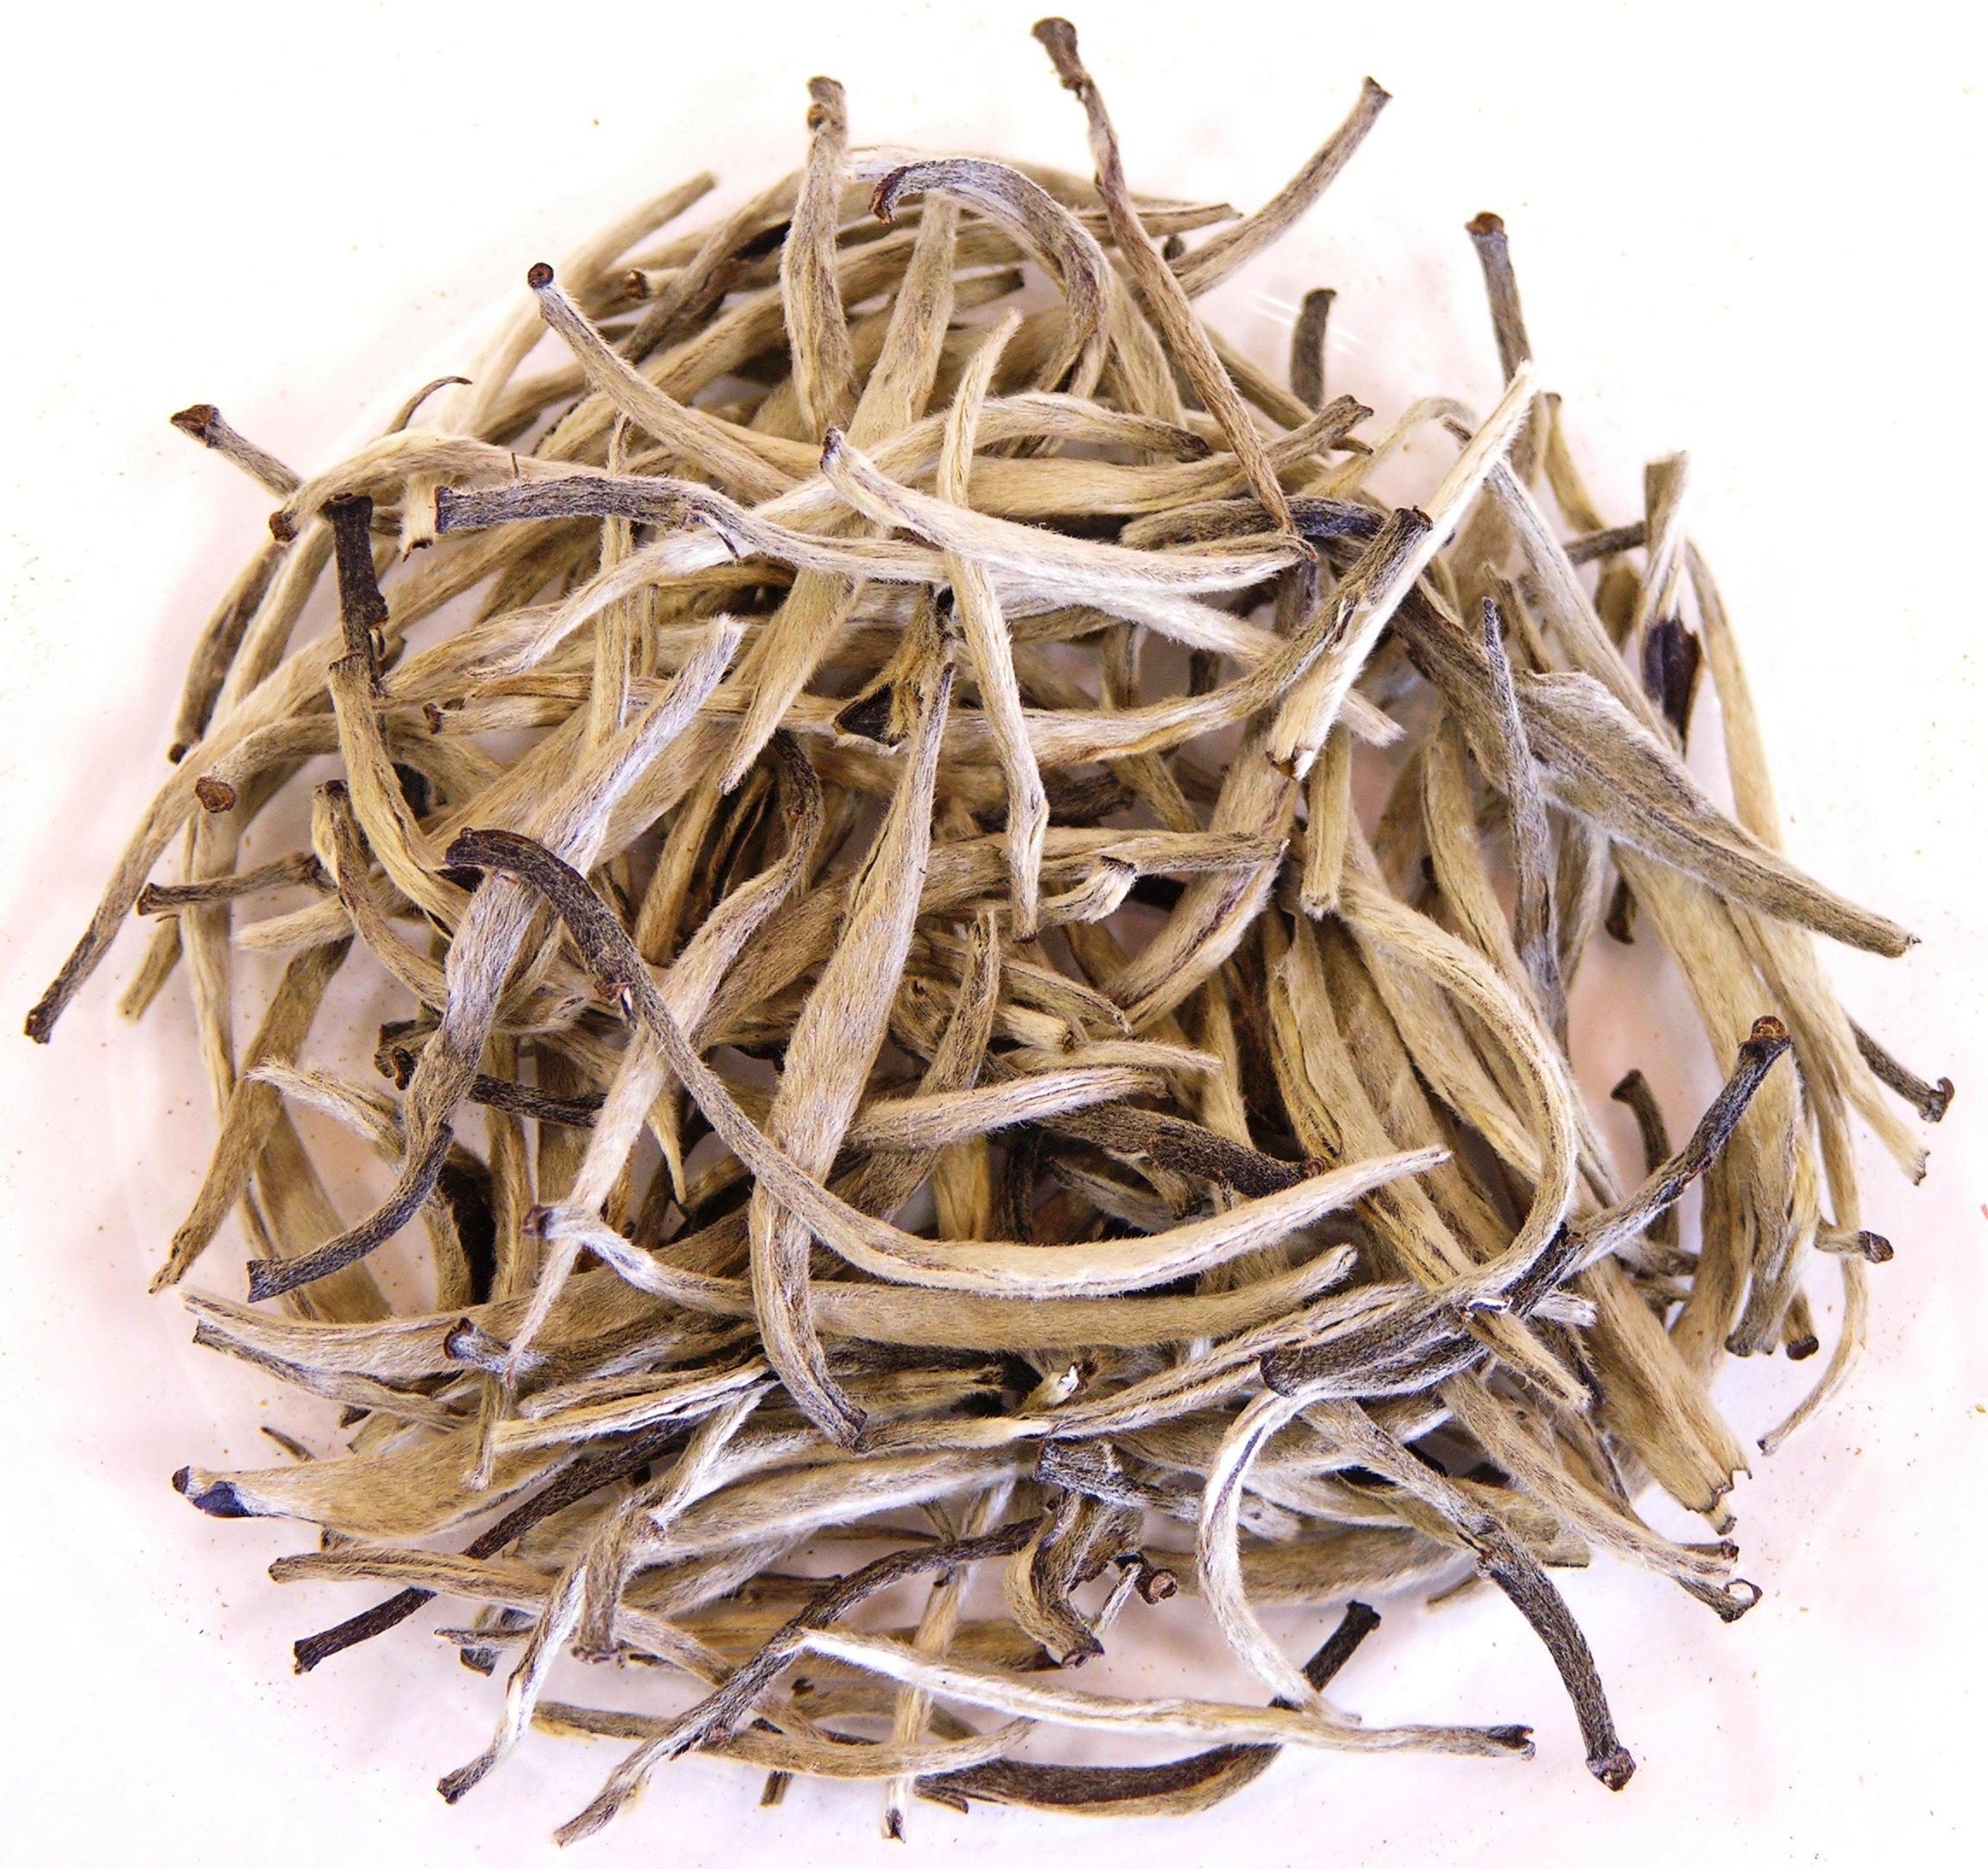 Adam's Peak Loose Leaf White Tea (4oz) by Darlene's Tea Port (Image #1)